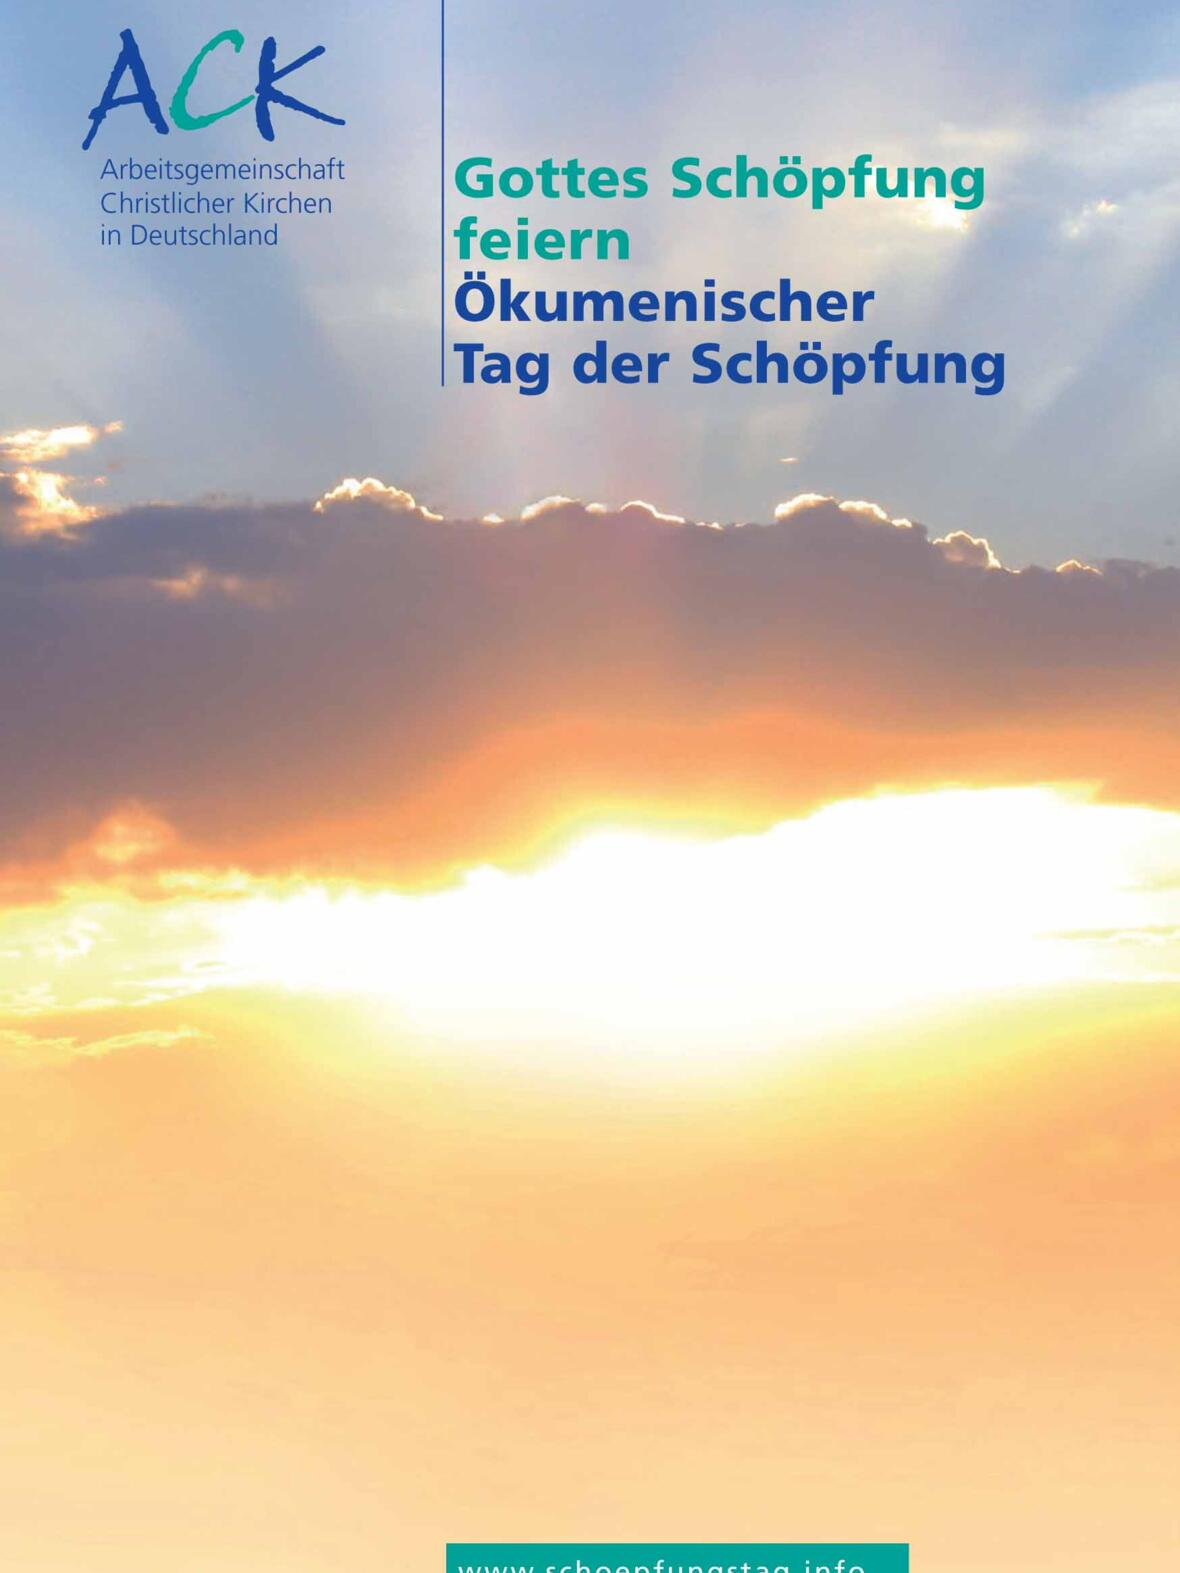 Die ACK begeht den Ökumenischen Tag der Schöpfung seit dem Jahr 2010 (Grafik: ACK)